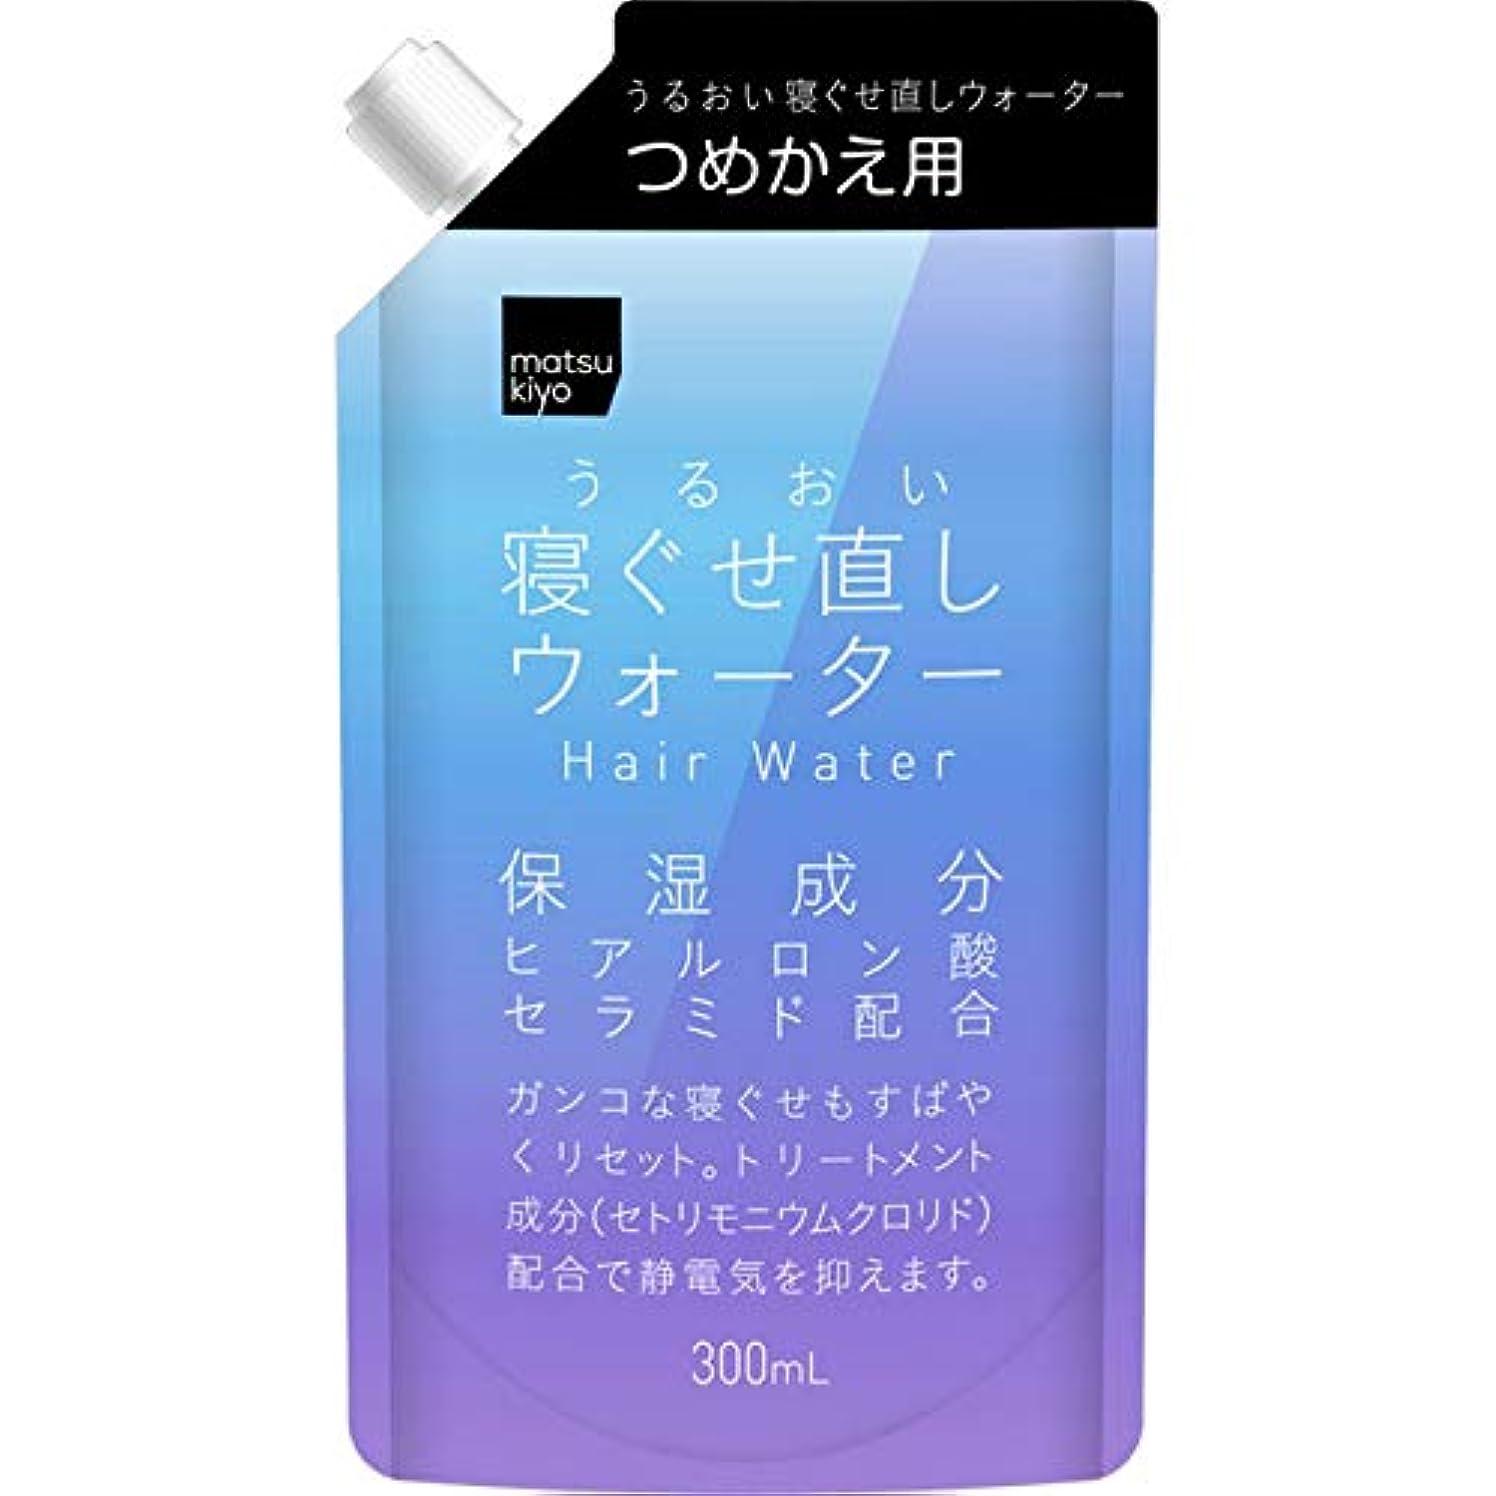 豚肉定期的な疾患matsukiyo アレンジプラス 寝ぐせ直しウォーター 300ml詰替